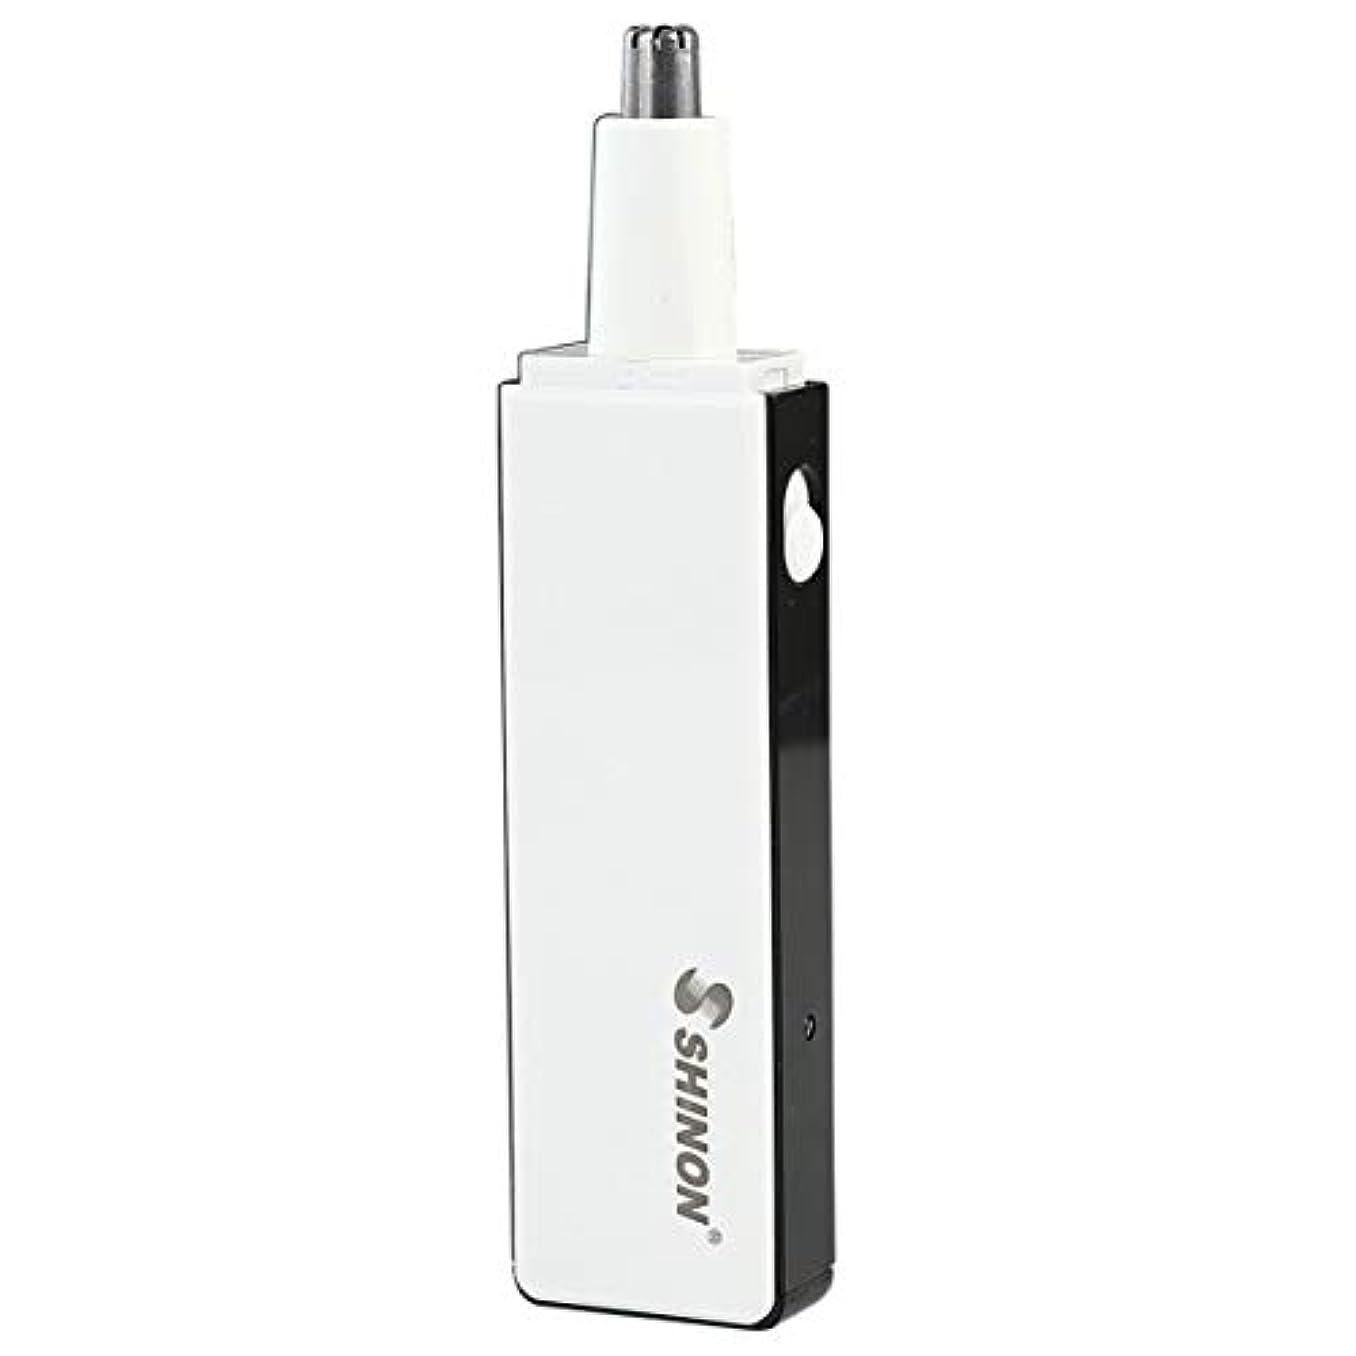 力学入手しますワットSHINON SH-2052 Multifunction 3 In 1 Rechargeable Electric Ear Nose Trimmer Portable Hair Clipper Shaver Eyebrow...